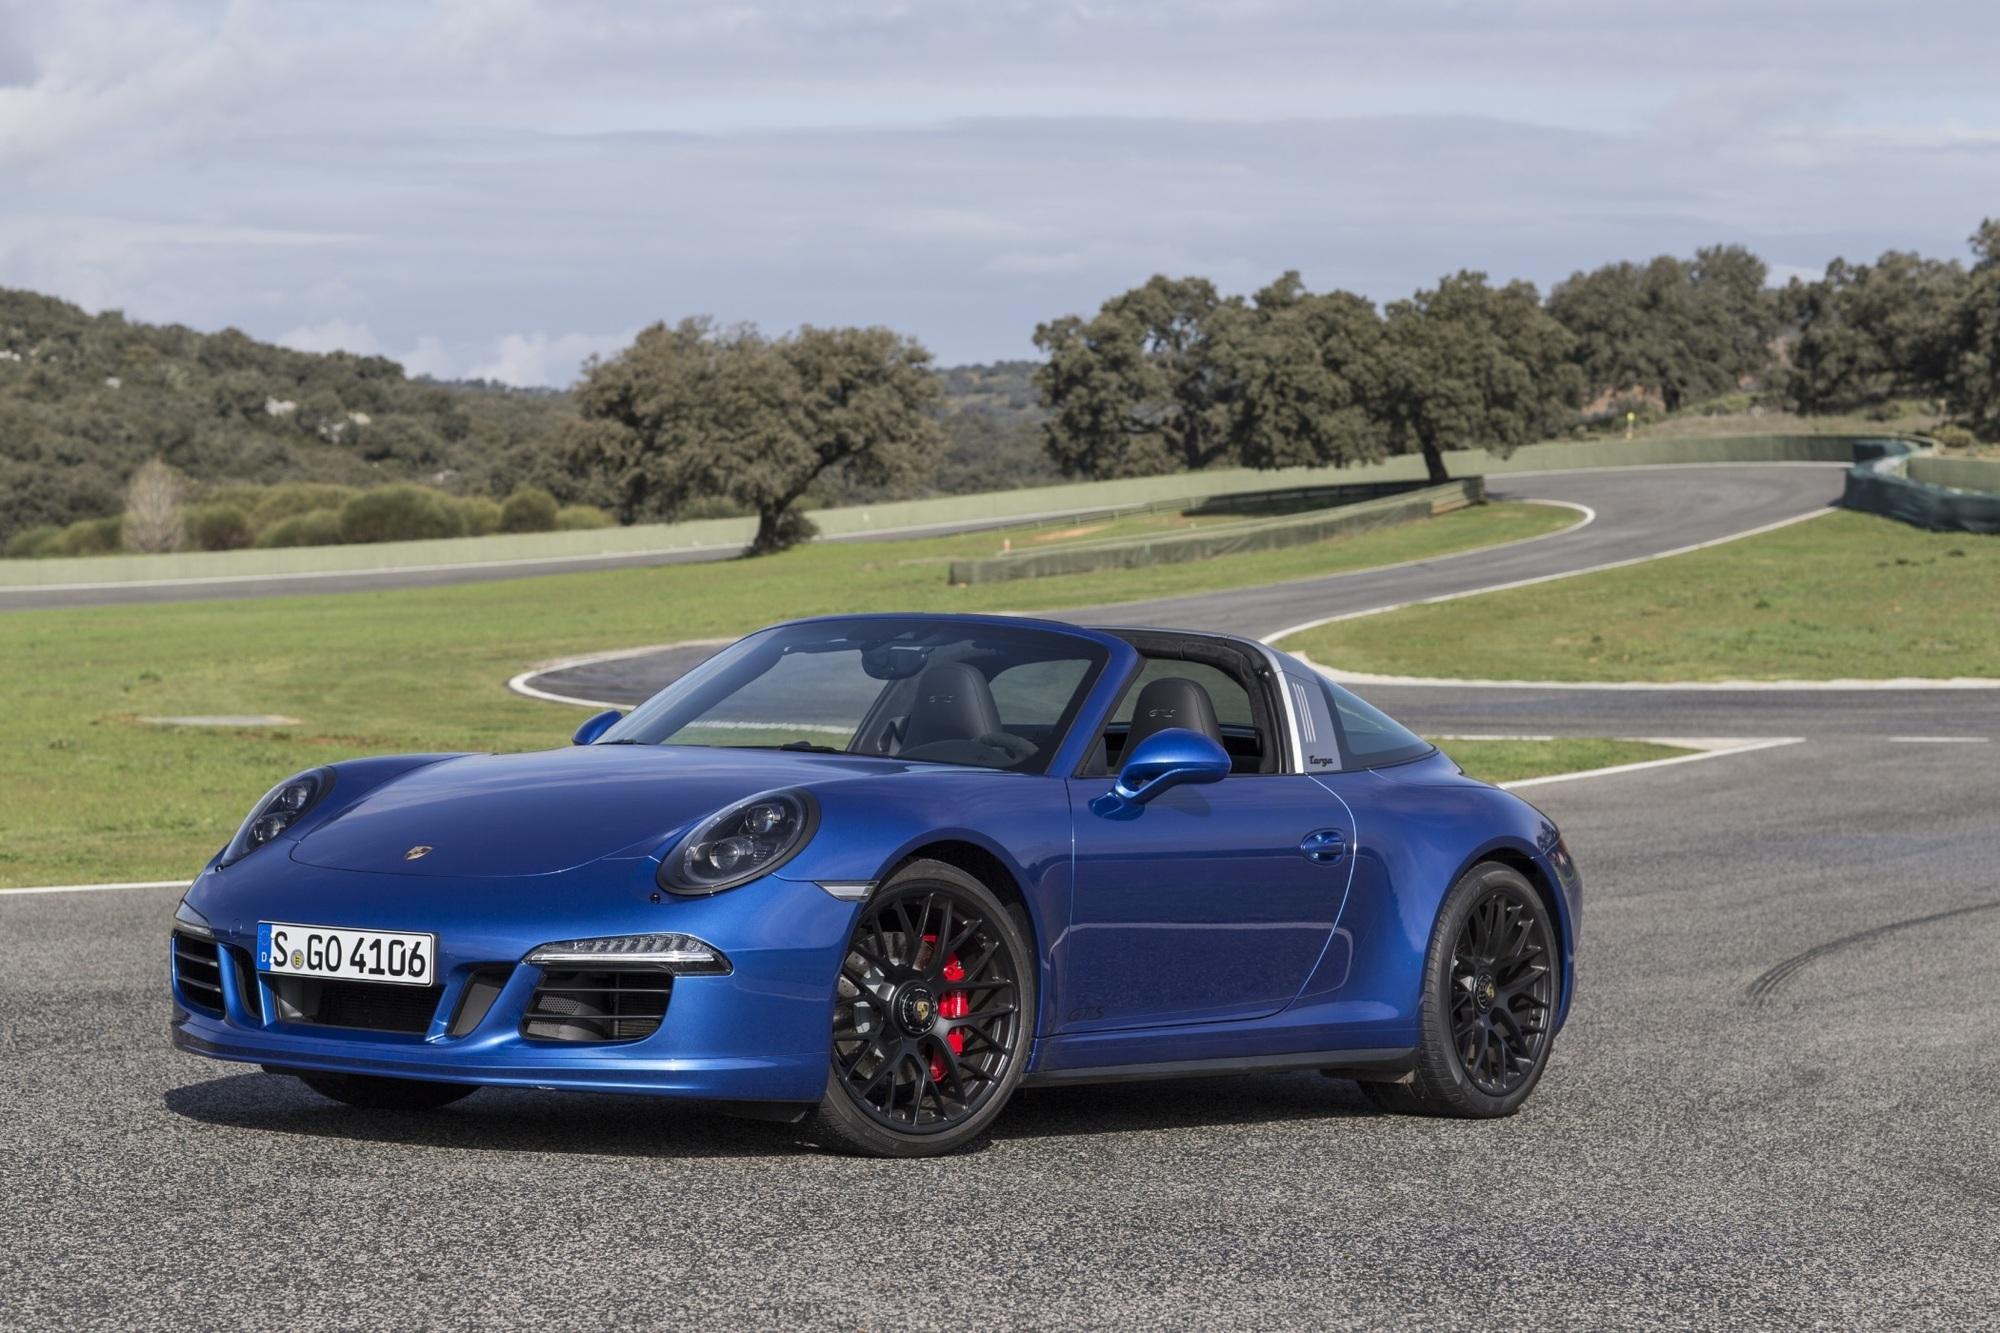 Fahrbericht: Porsche 911 Targa 4 GTS - Ein Stück Himmel mit mehr PS